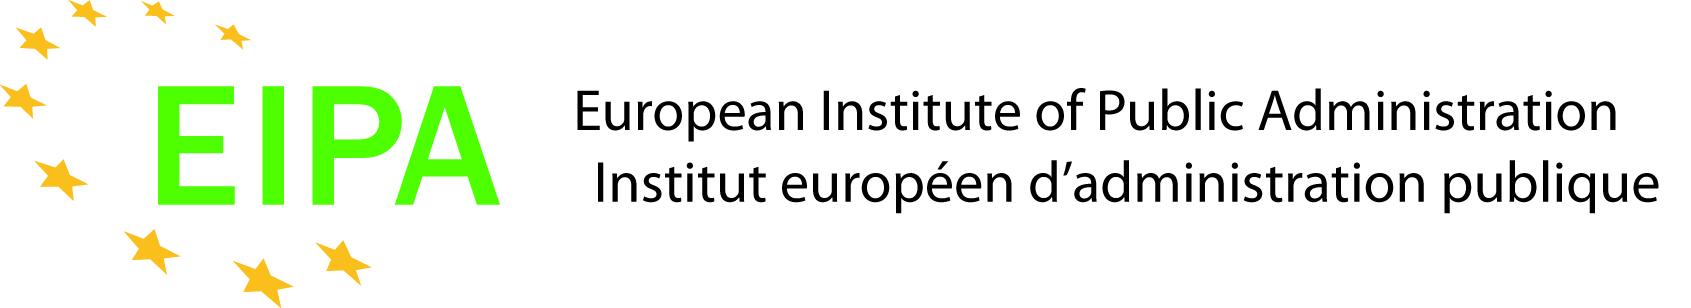 logo for European Institute of Public Administration